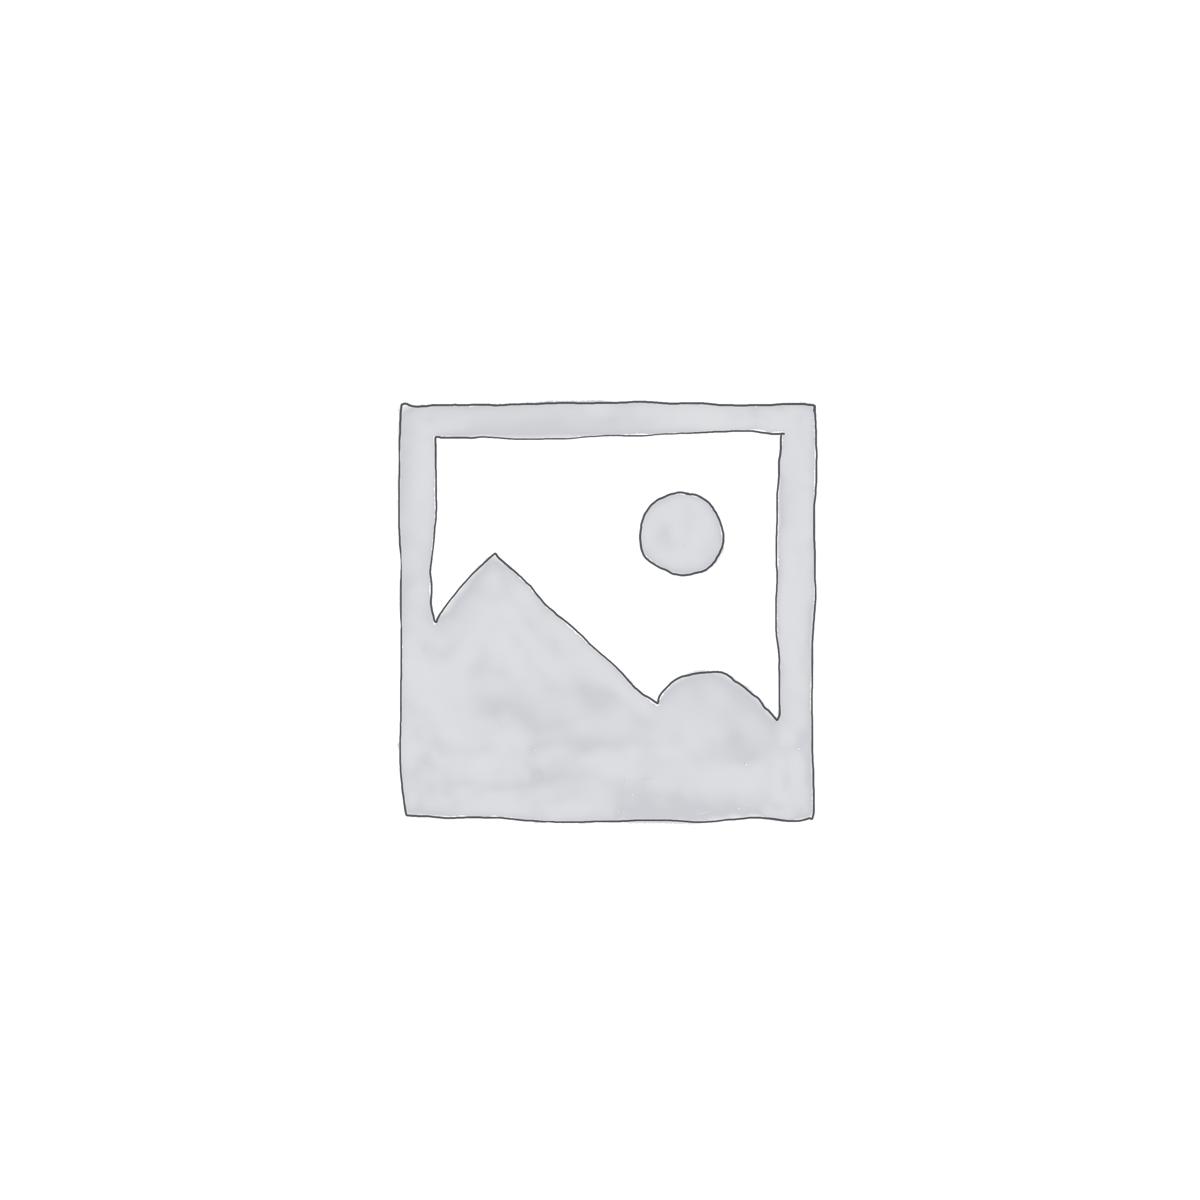 Caixa de Dinheiro de Alumínio do Contador do Dinheiro do Plástico com Fechamento da Combinação e Bandeja do Dinheiro-bandeja Removível do Compartimento do Dinheiro Fechamento Combinação Bandeja do Dinheiro-bandeja com da e